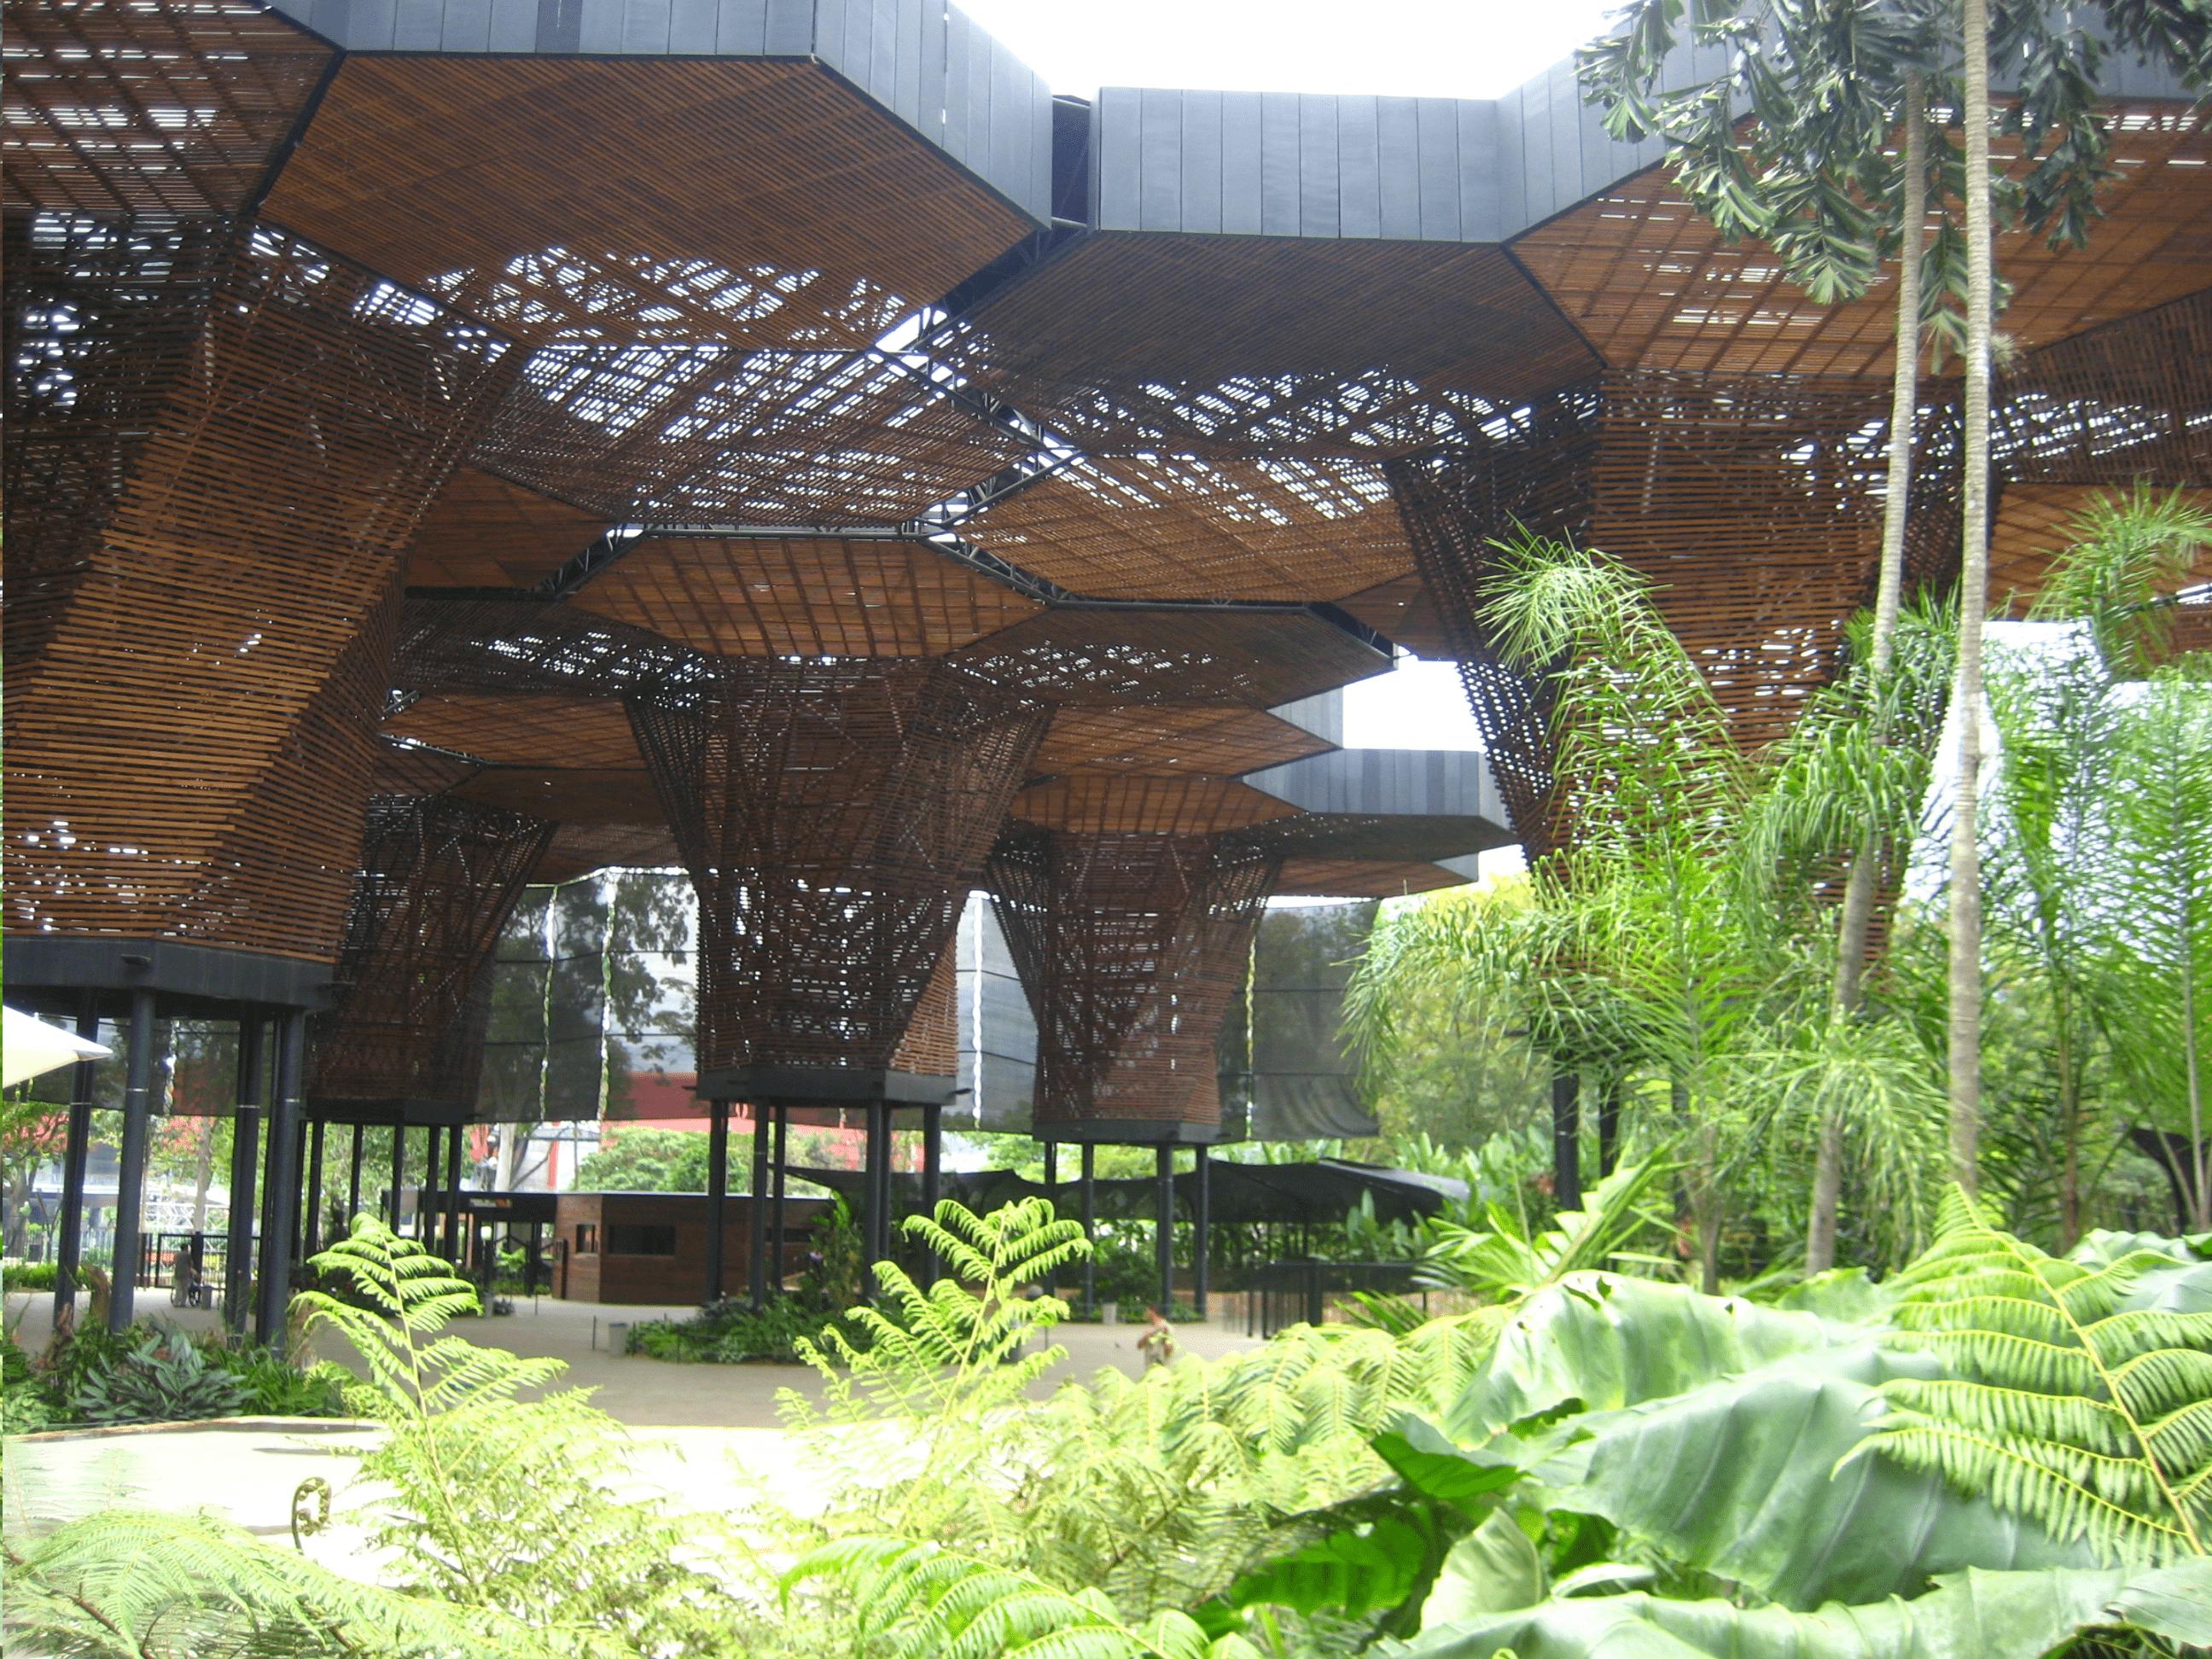 Para sacar al Jardín Botánico de crisis, ayudas de Alcaldía de Medellín no serían suficientes